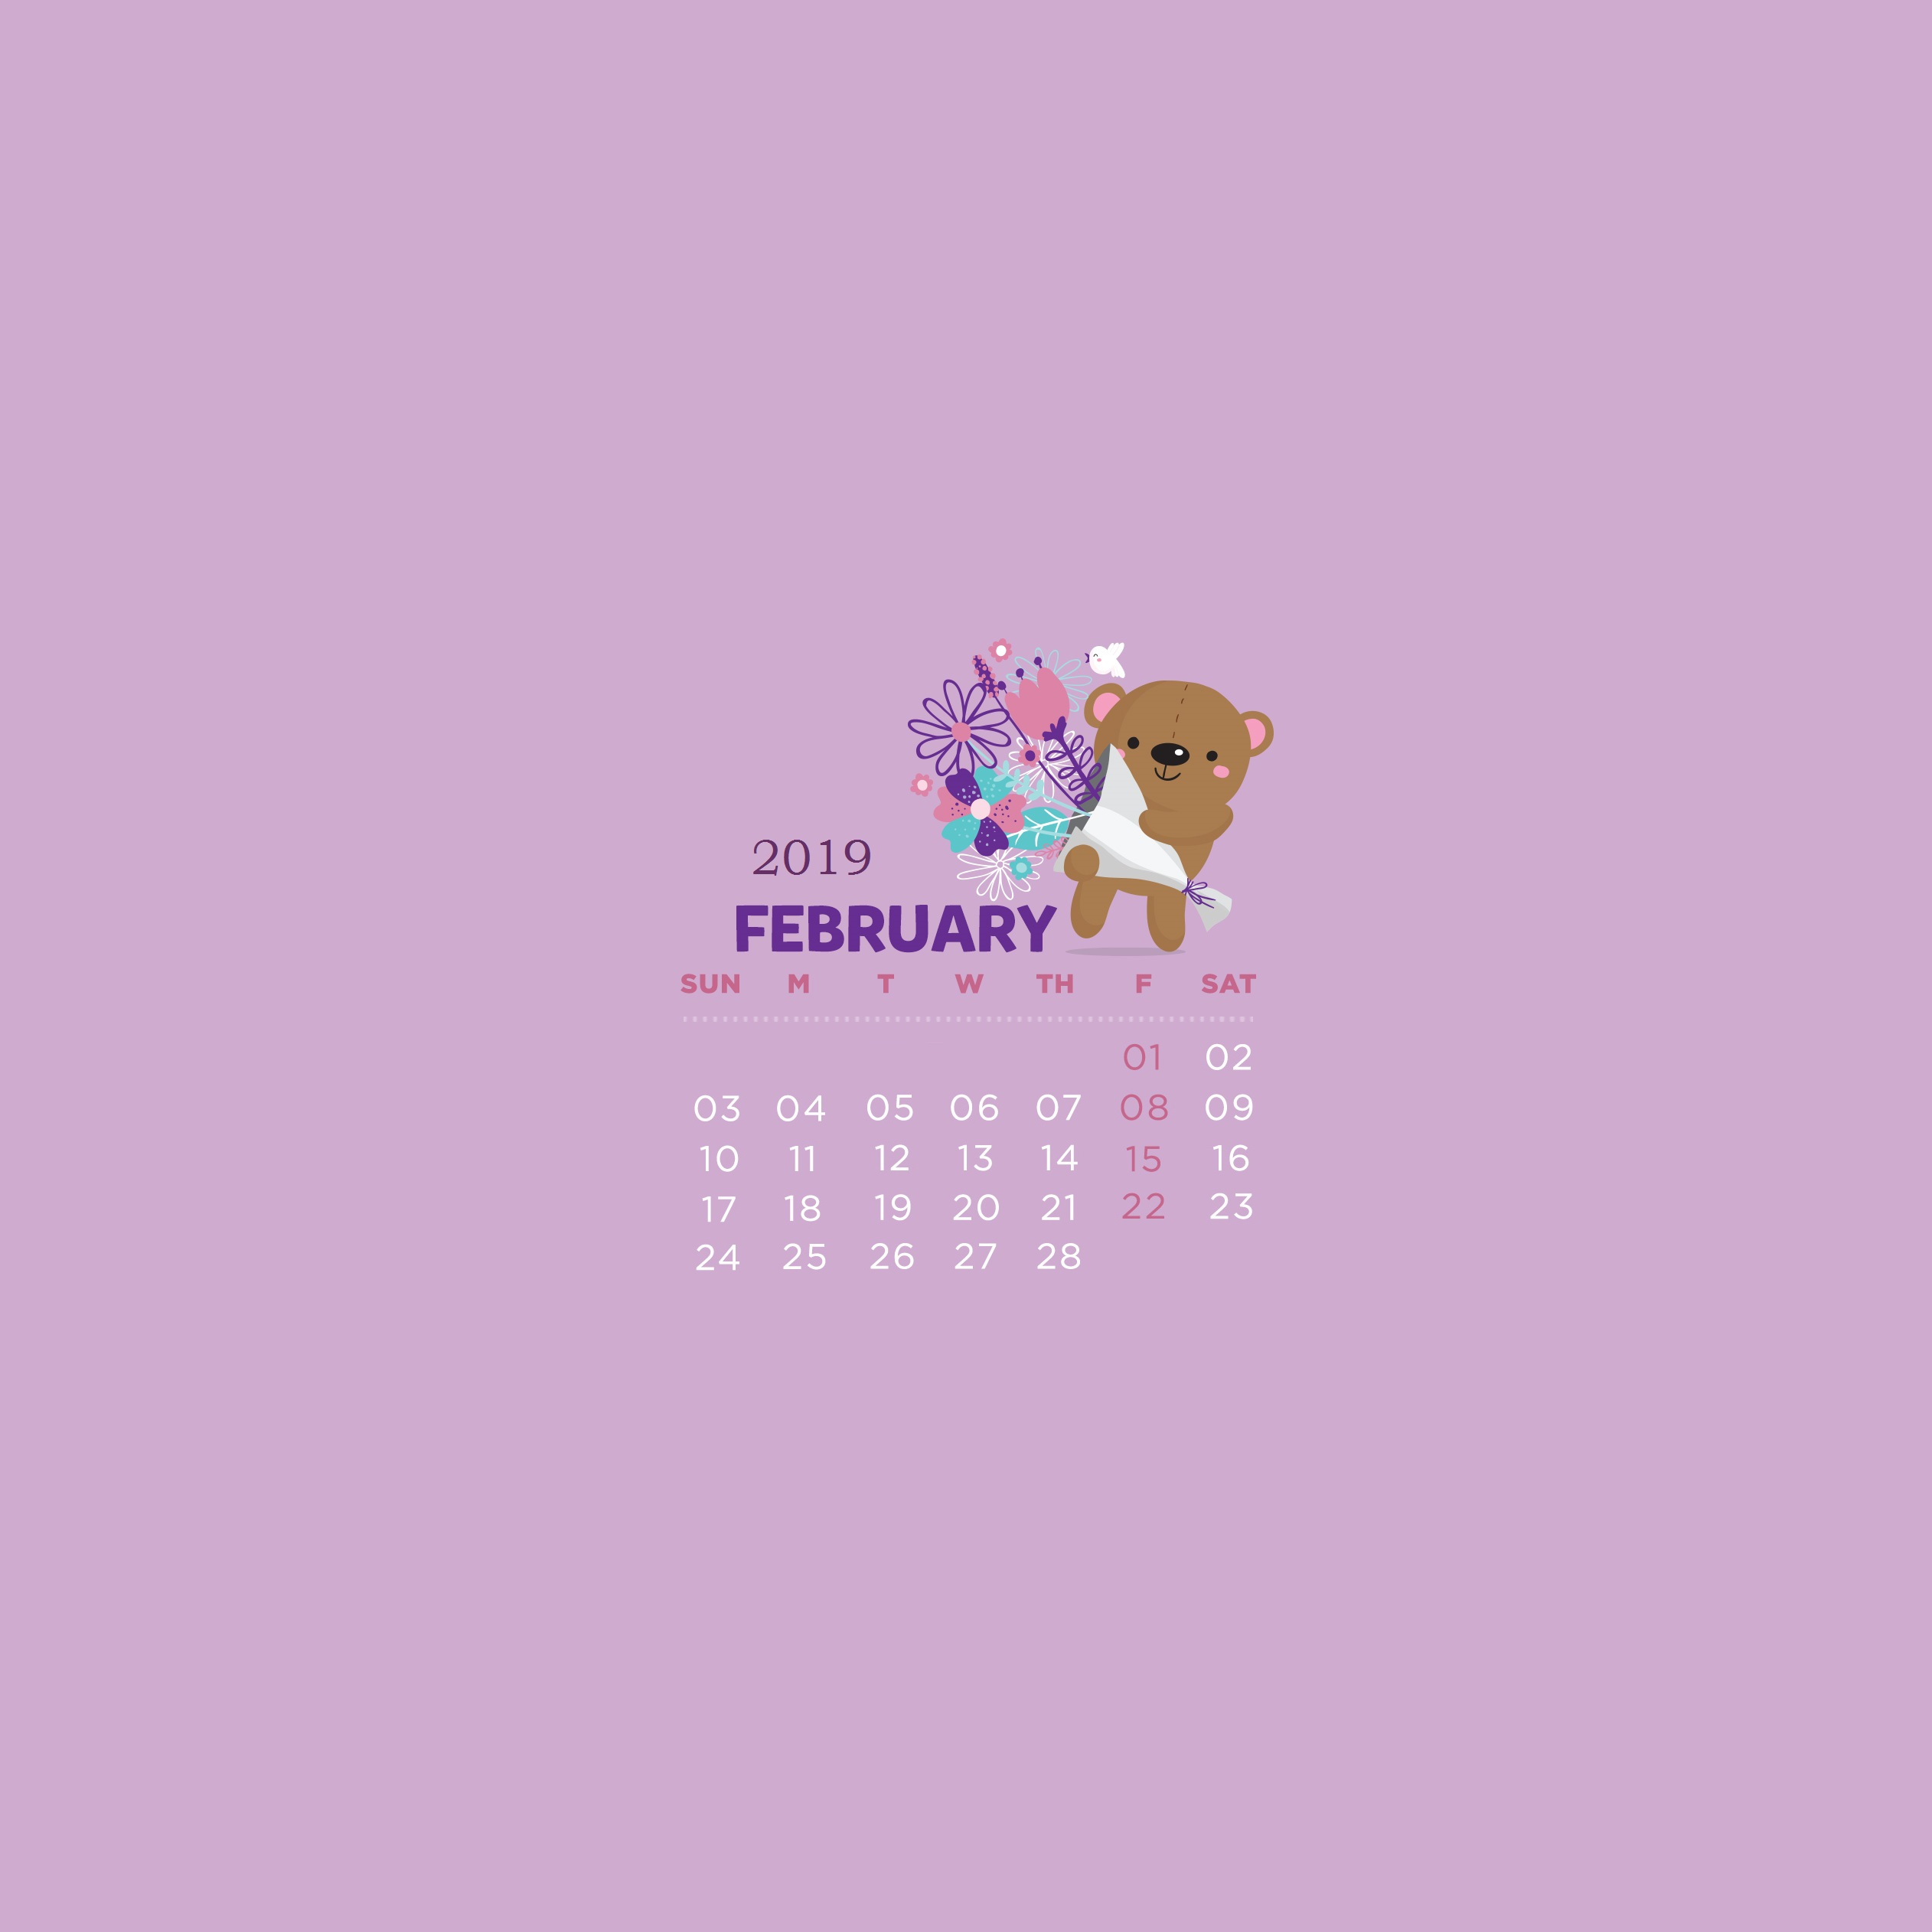 February 2019 Calendar Wallpapers Calendar 2019 2524x2524